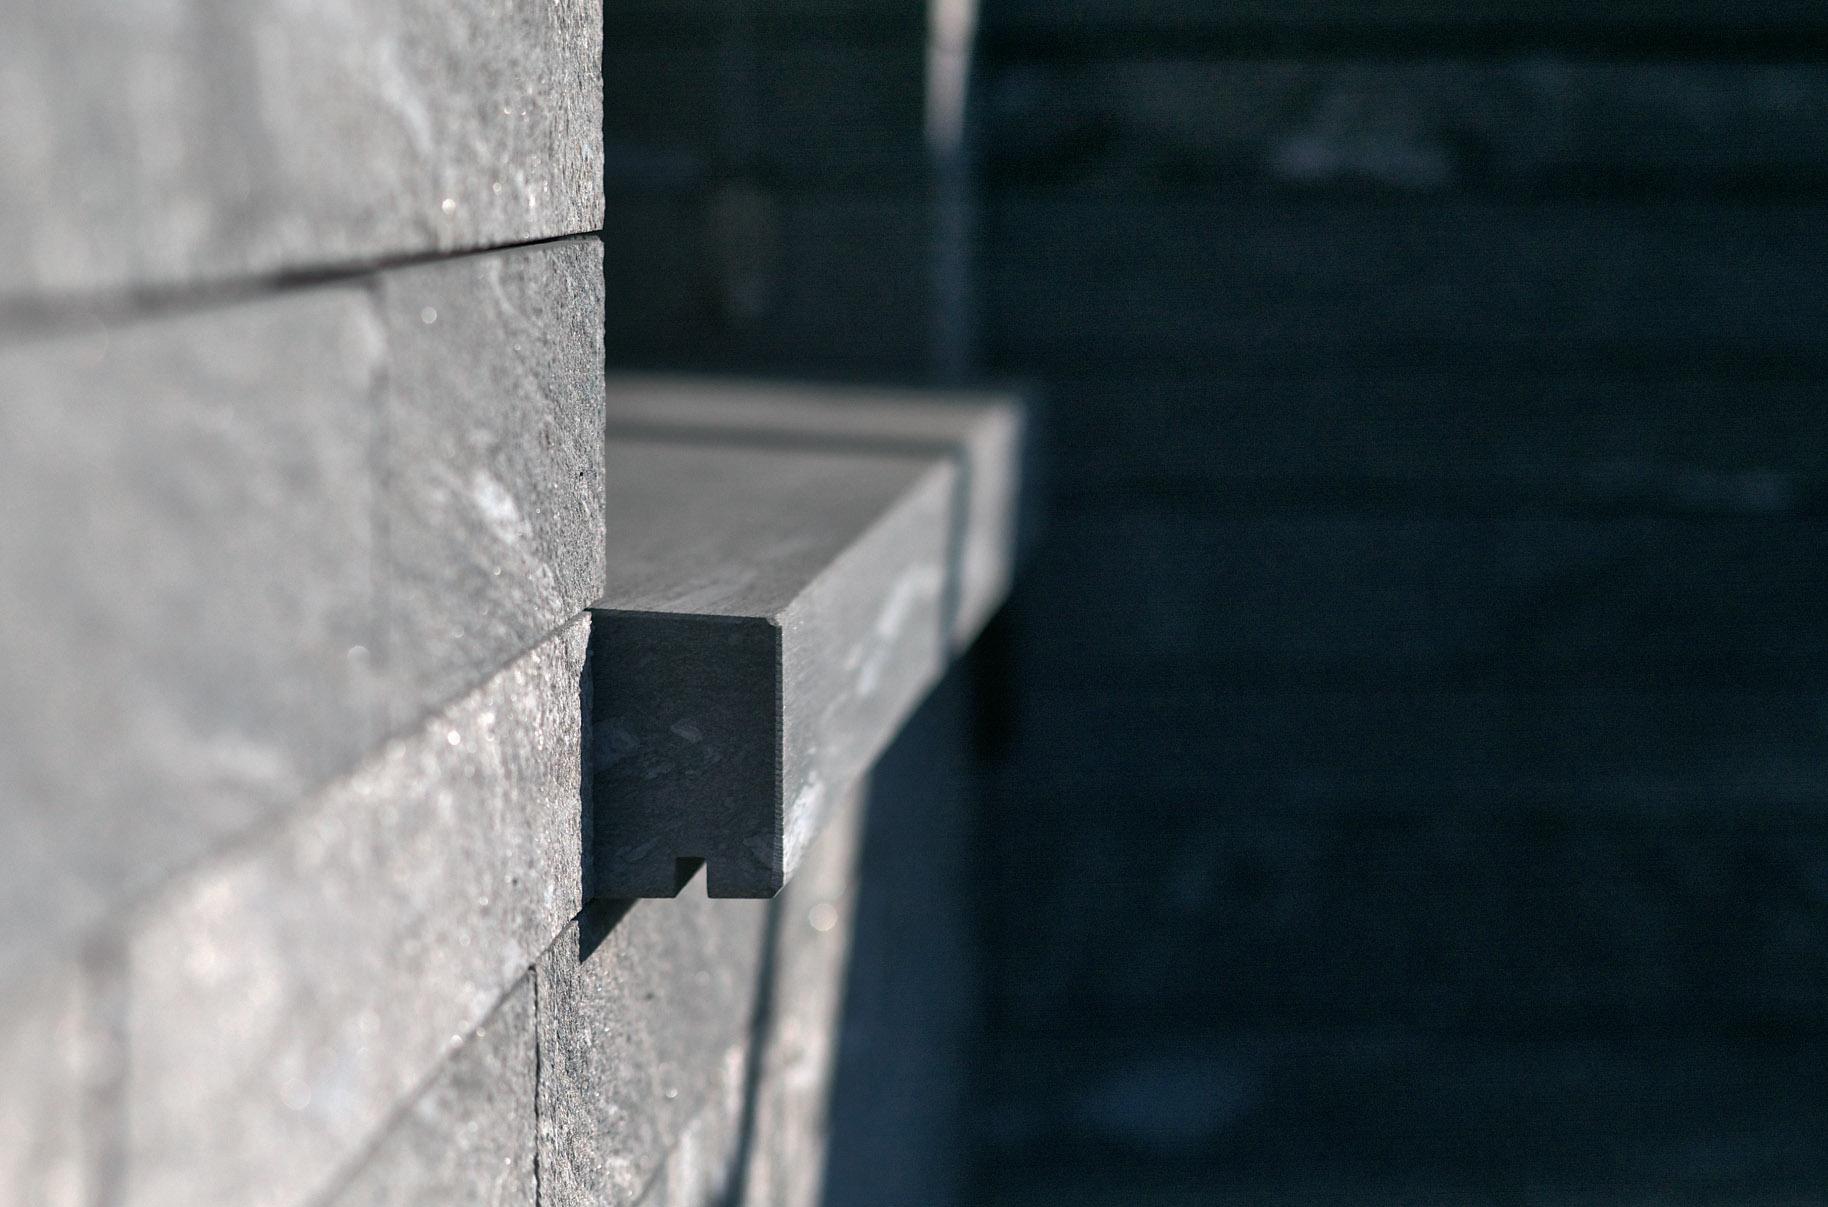 Fenstersims Haus am Hang - Bei der Fassade aus Naturstein wurde das mechanische Befestigungssystem StoneFix eingesetzt.